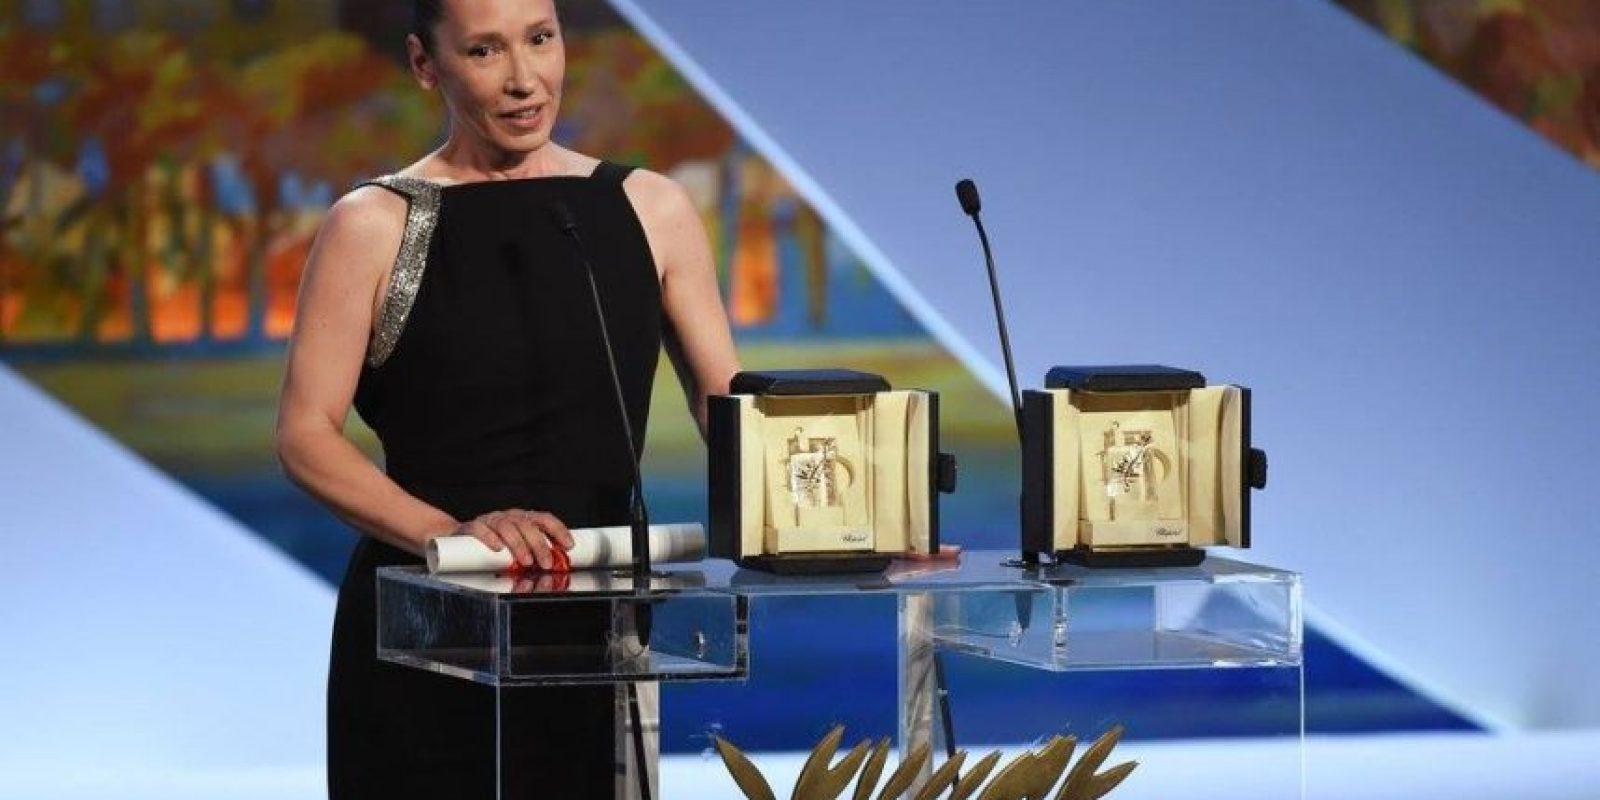 """La actriz francesa Emmanuelle Bercot de la cinta """"Mon roi"""" ganó en la categoría de """"Mejor actriz"""" Foto:vía facebook.com/Festival-de-Cannes-Page-Officielle"""